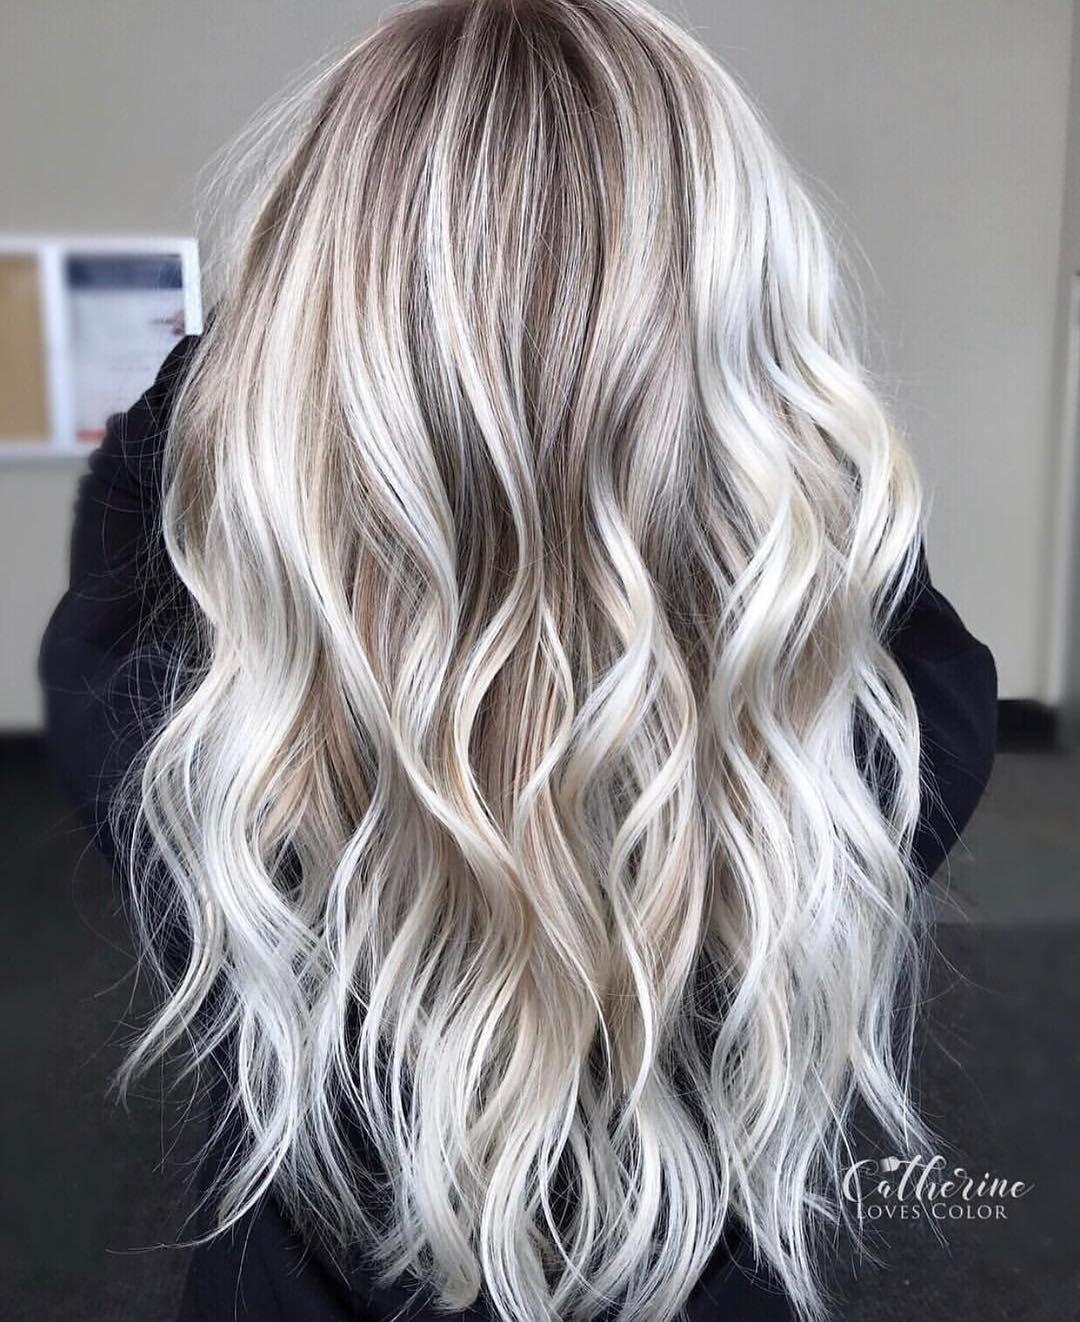 Epingle Par Auriane Cny Sur Hairs Coiffure Cheveux Long Facile Cartes De Couleurpour Les Cheveux Coiffure Cheveux Long